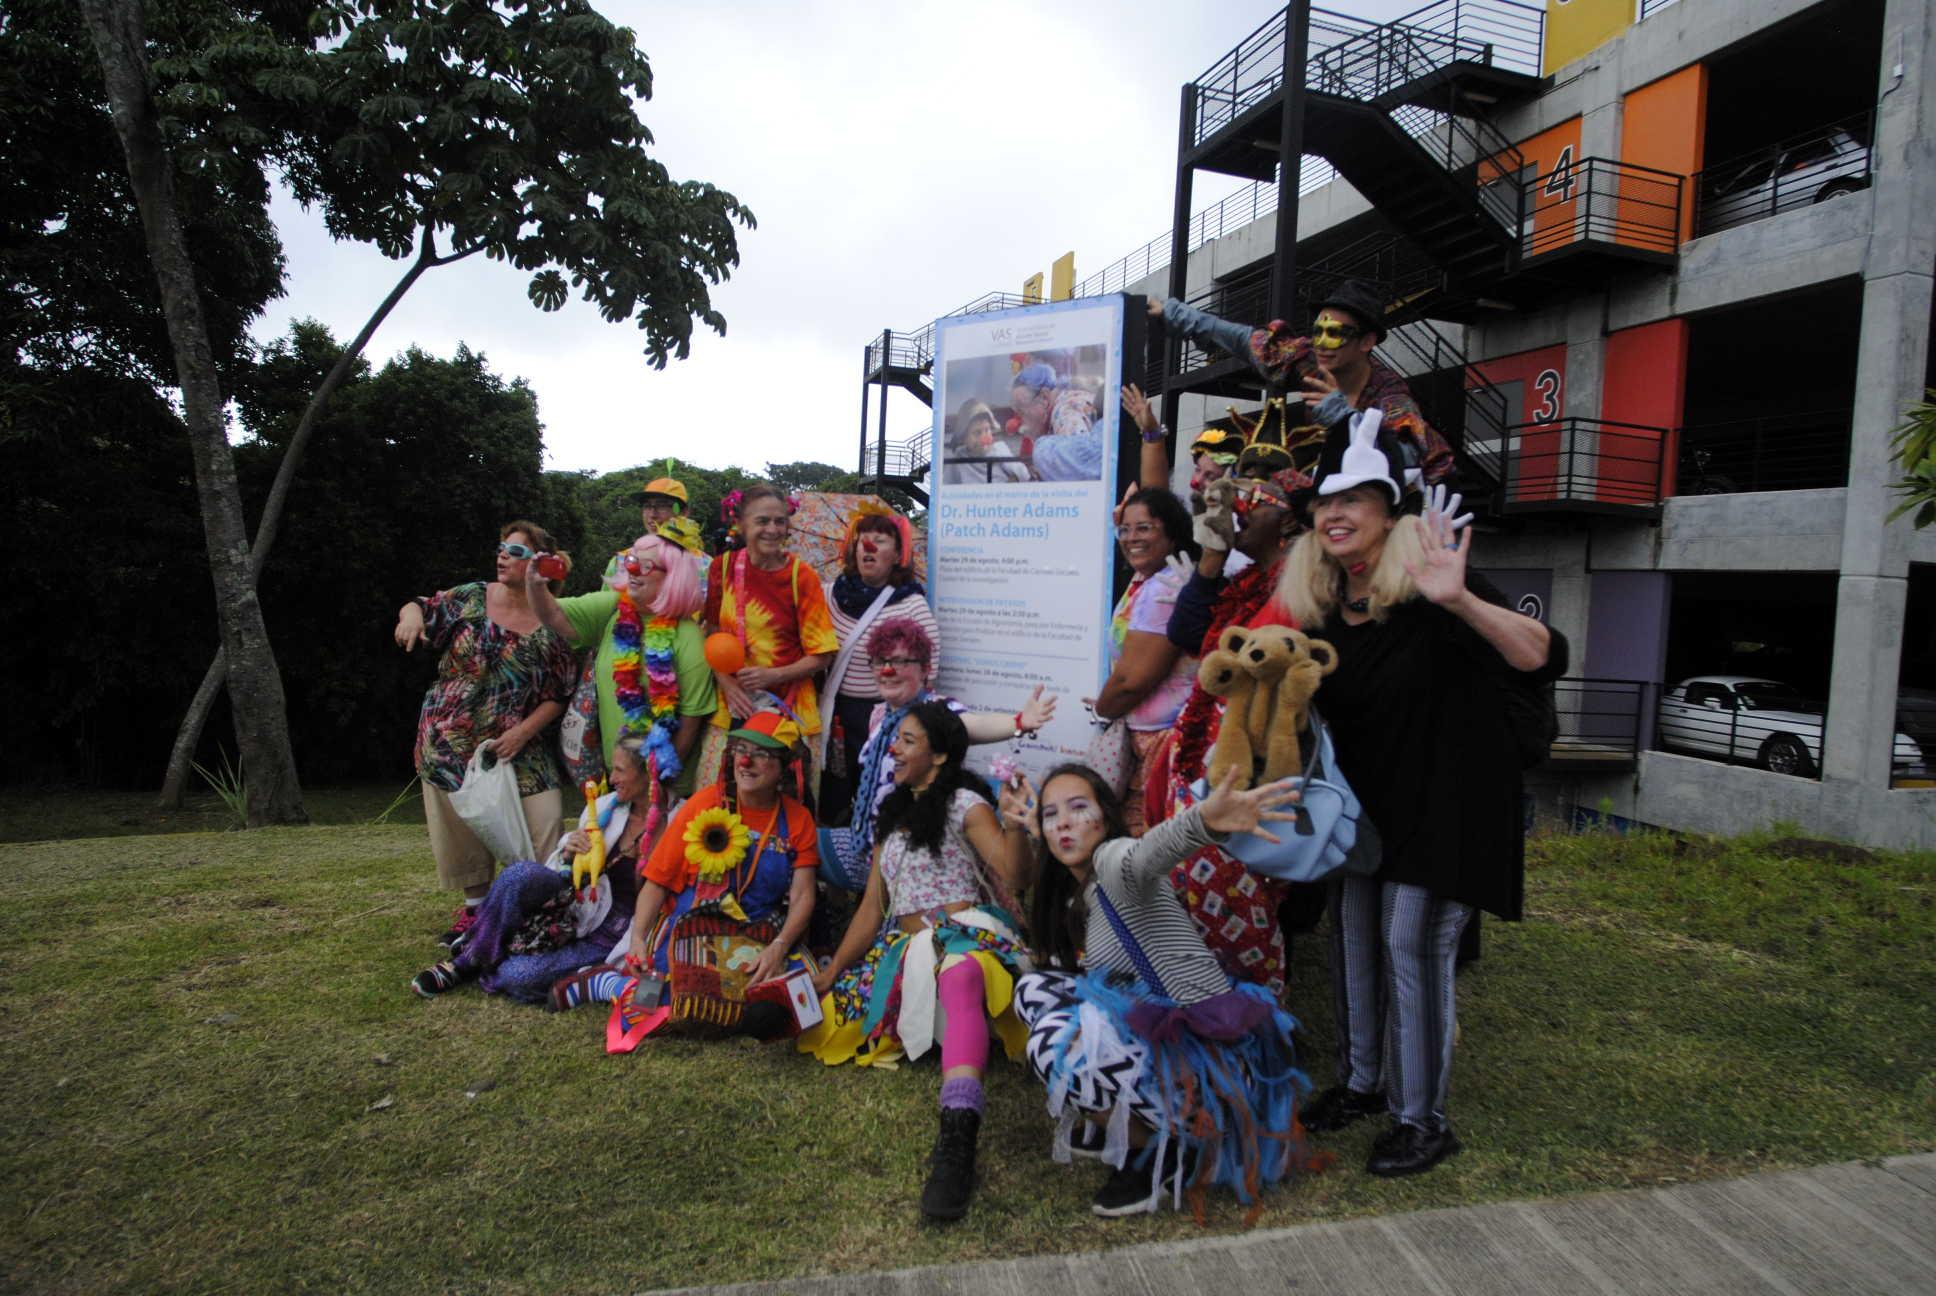 Pasacalles en el marco de la visita del Dr. Hunter Patch Adams, con miembros del Instituto Gesundheit, hospisonrisas y estudiantes de Artes Dramáticas.